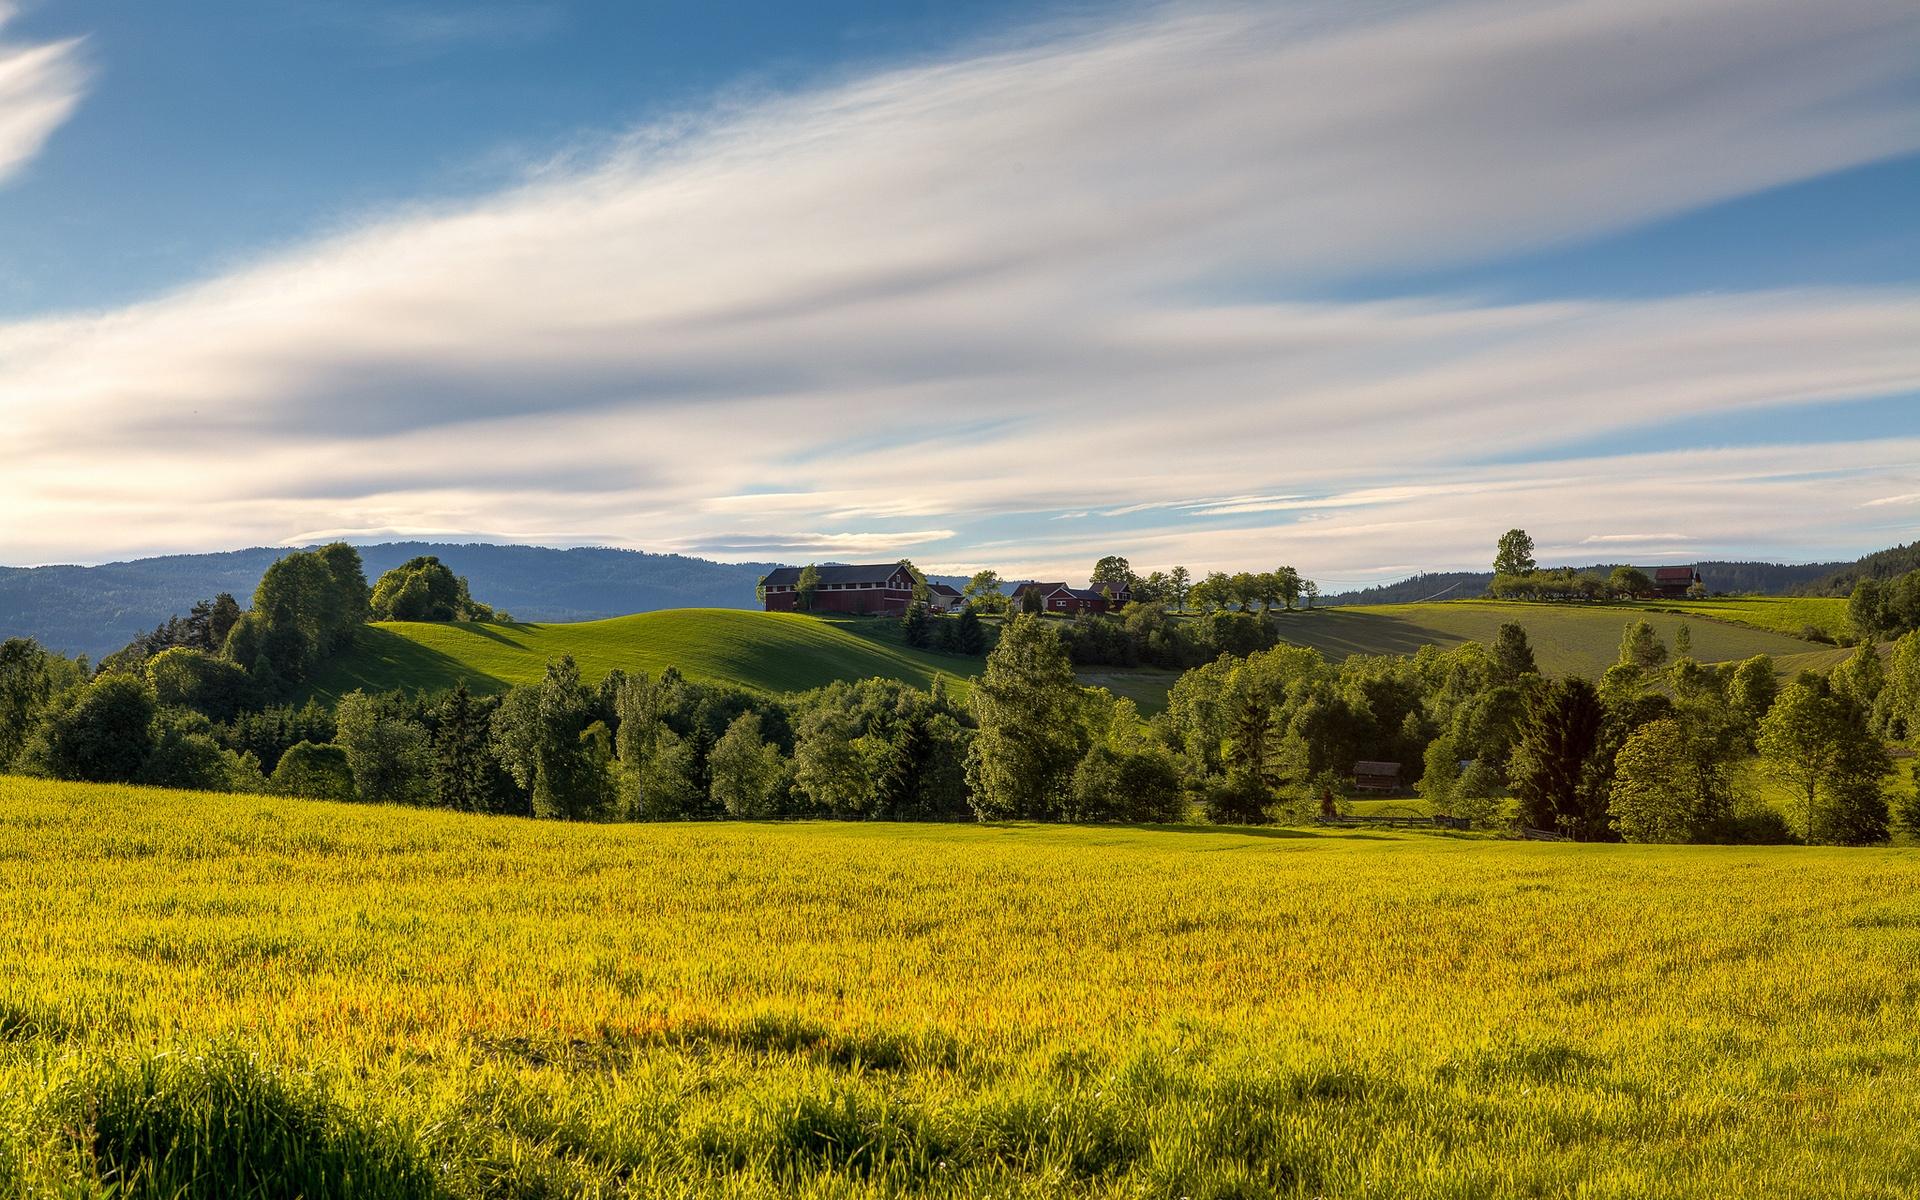 фото красивые пейзажи луга и поля педагогический